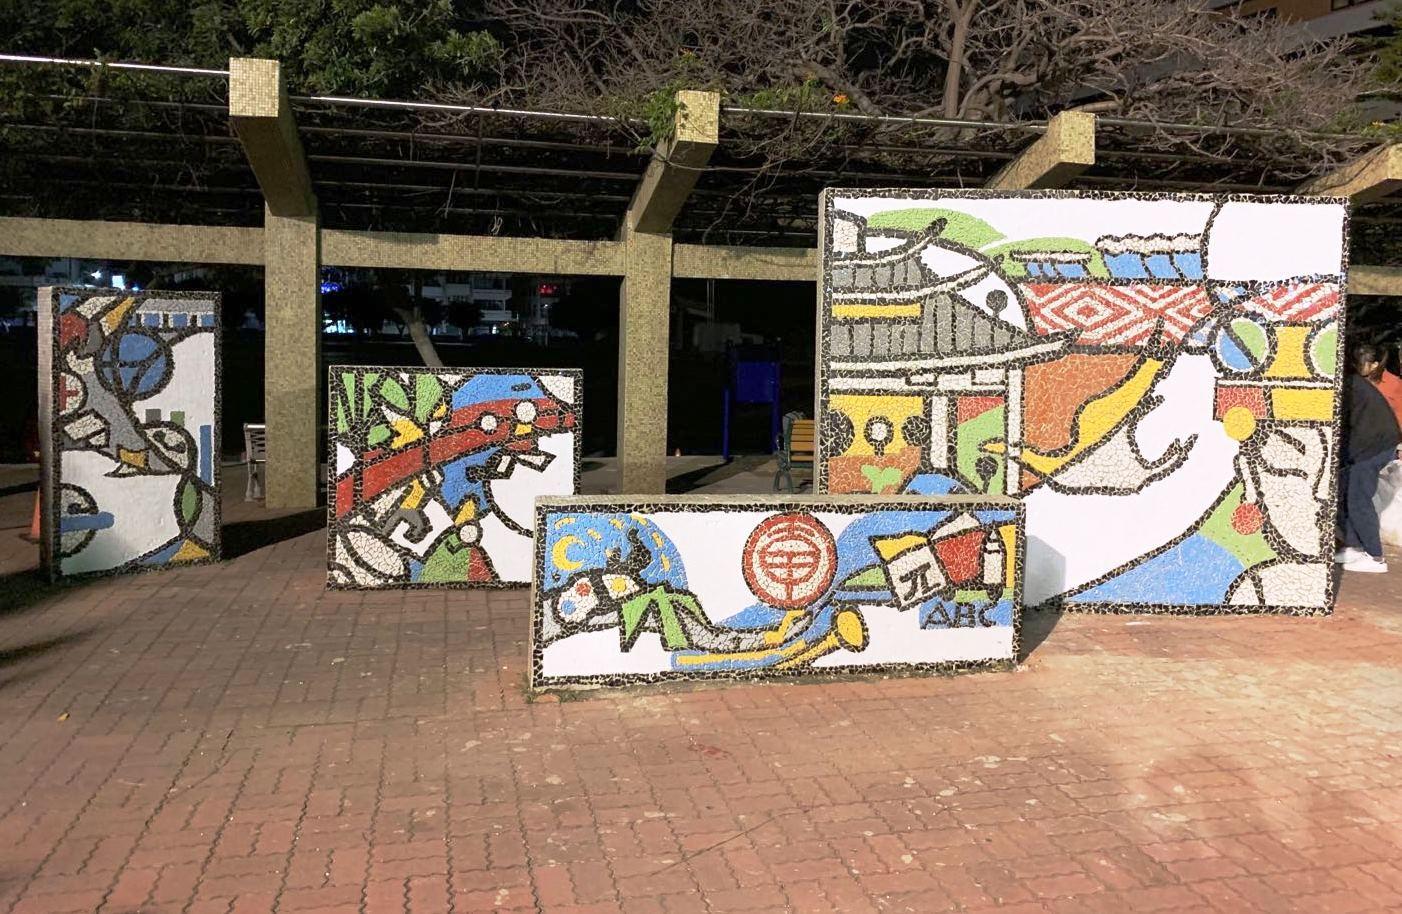 通稿照片04-由大學生及小學生合力完成的馬賽克牆座立在大甲國小入口中庭,使用二萬多片紅、藍、黃、綠、灰黑等顏色的彩磚手工拼貼而成.jpg